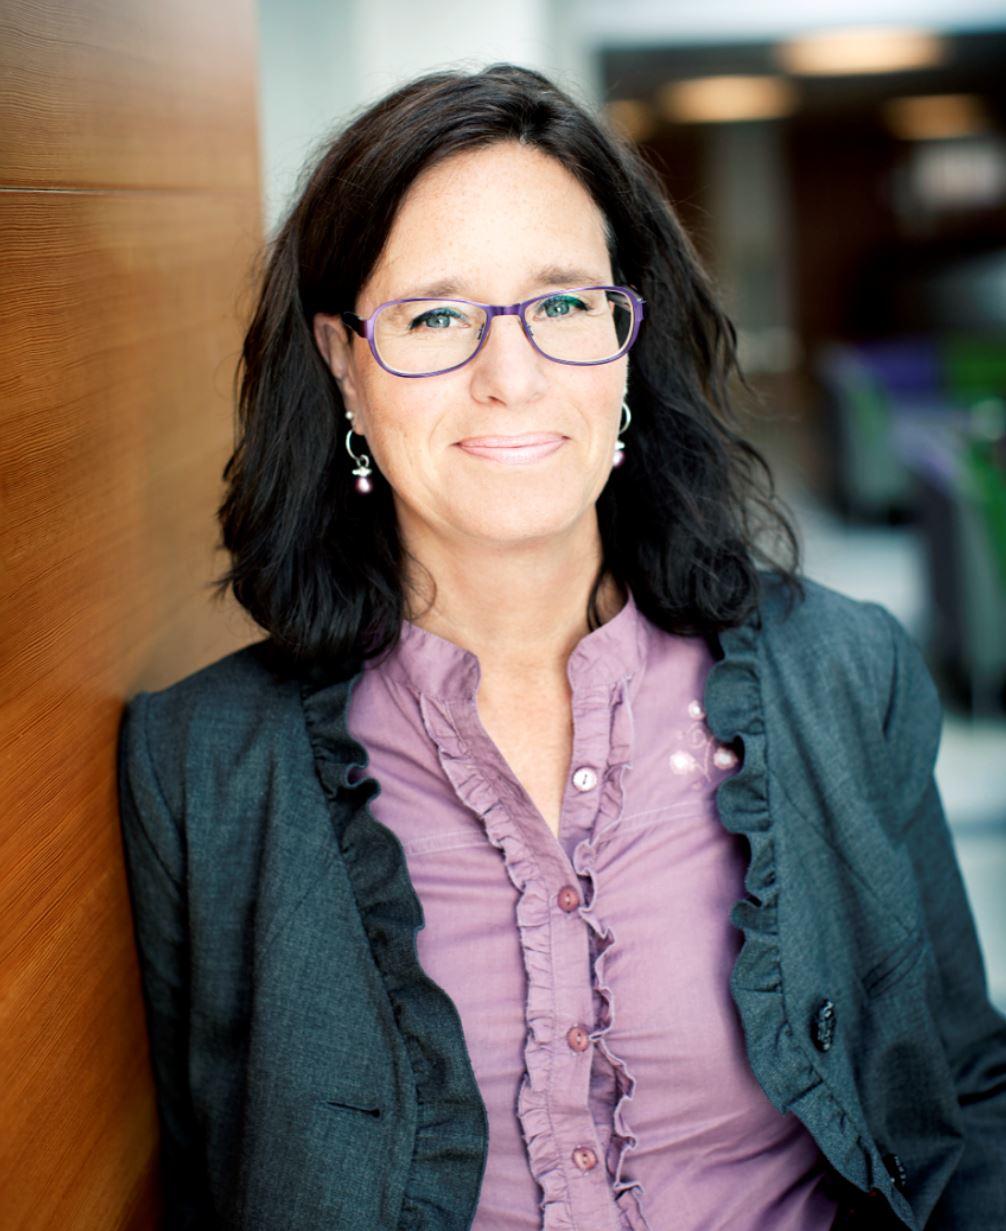 Paula Lejonkula